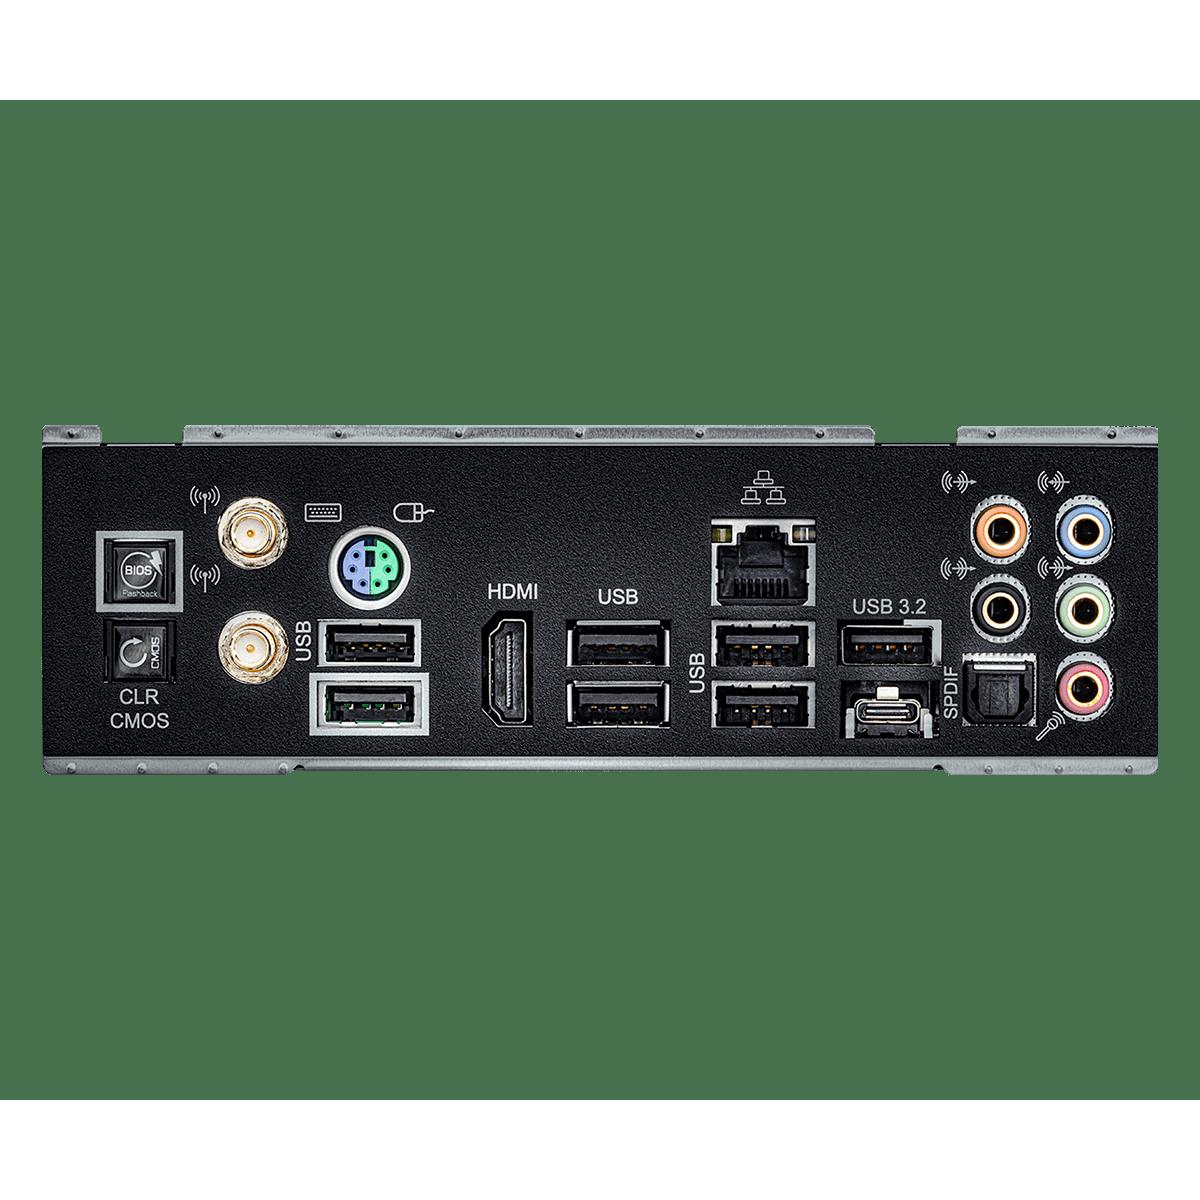 Placa Mãe ASRock X570 Taichi Razer Edition, Chipset X570, AMD AM4, ATX, DDR4, 90-MXBEY0-A0UAYZ